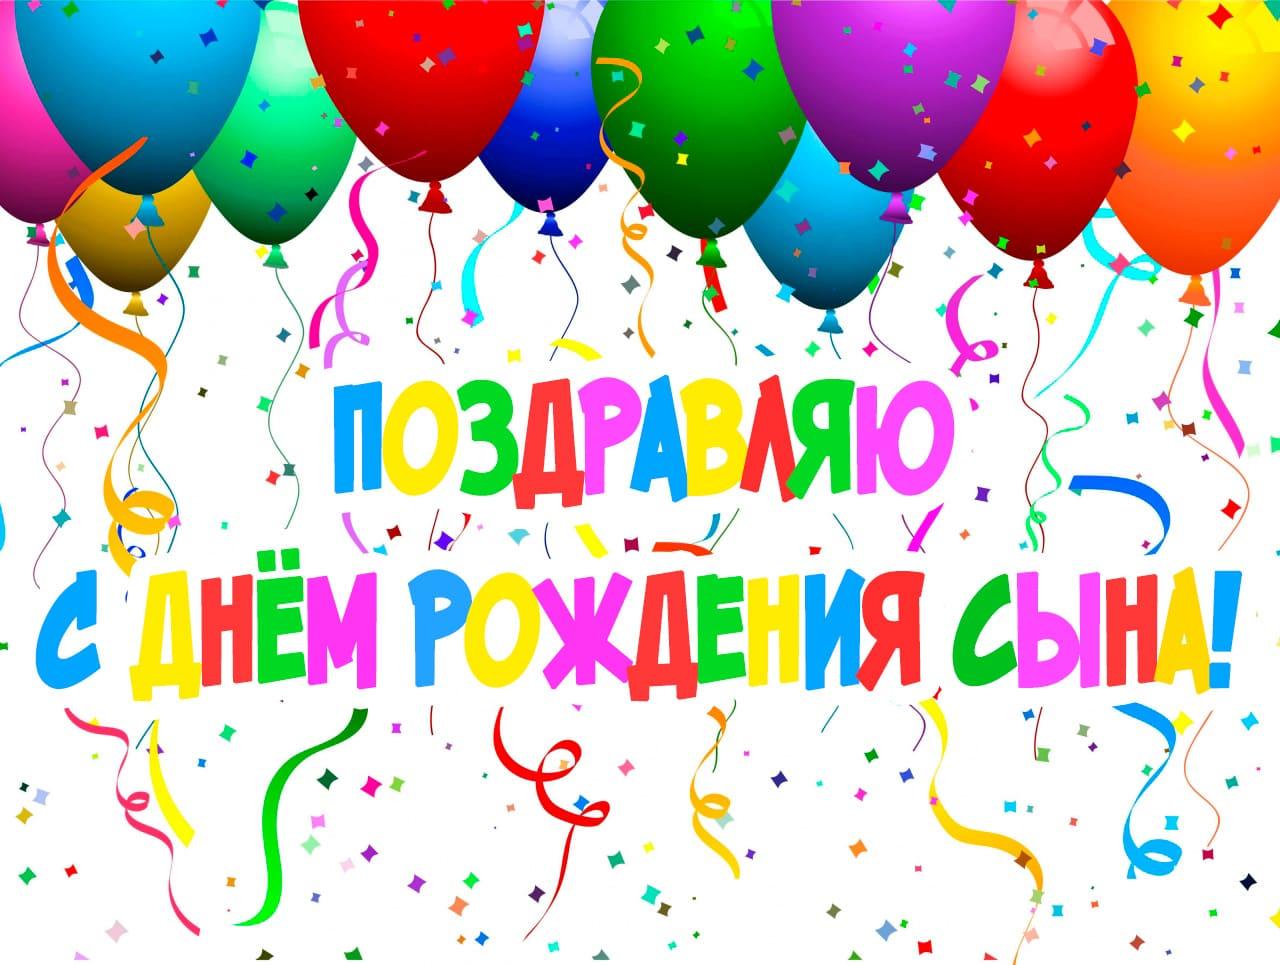 Изображение - Поздравление с рождением сына для мамы открытки pozdravlayu-s-dnem-rozhdeniya-sina-14